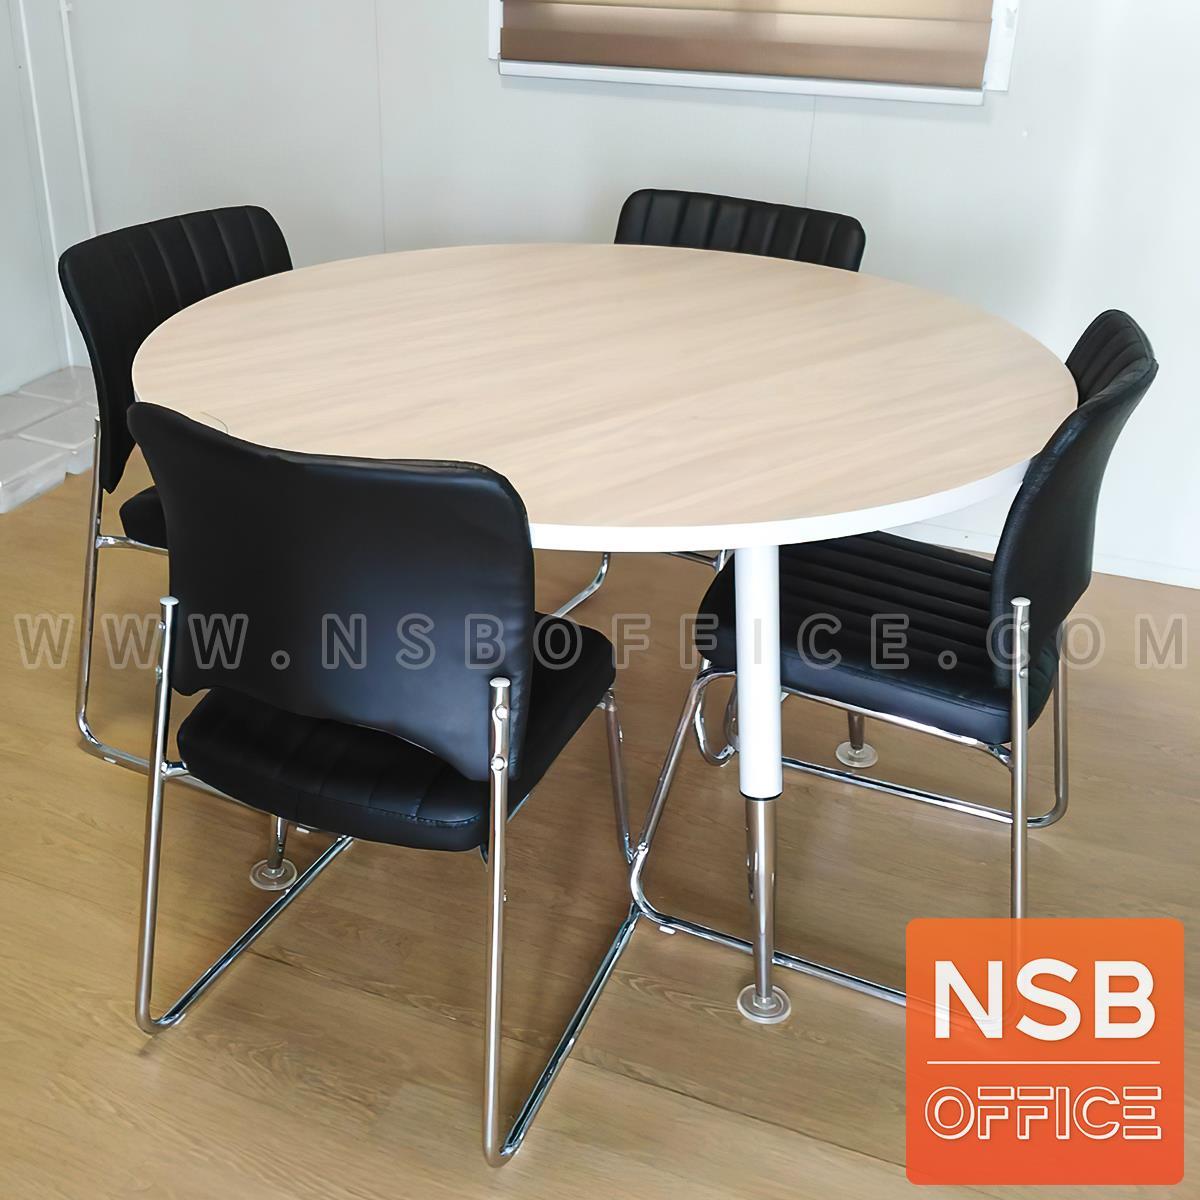 โต๊ะประชุมทรงวงกลม รุ่น Wazowski (วาซอว์สกี้) ขนาด 90Di, 120Di cm. ขาเหล็กปลายเรียว